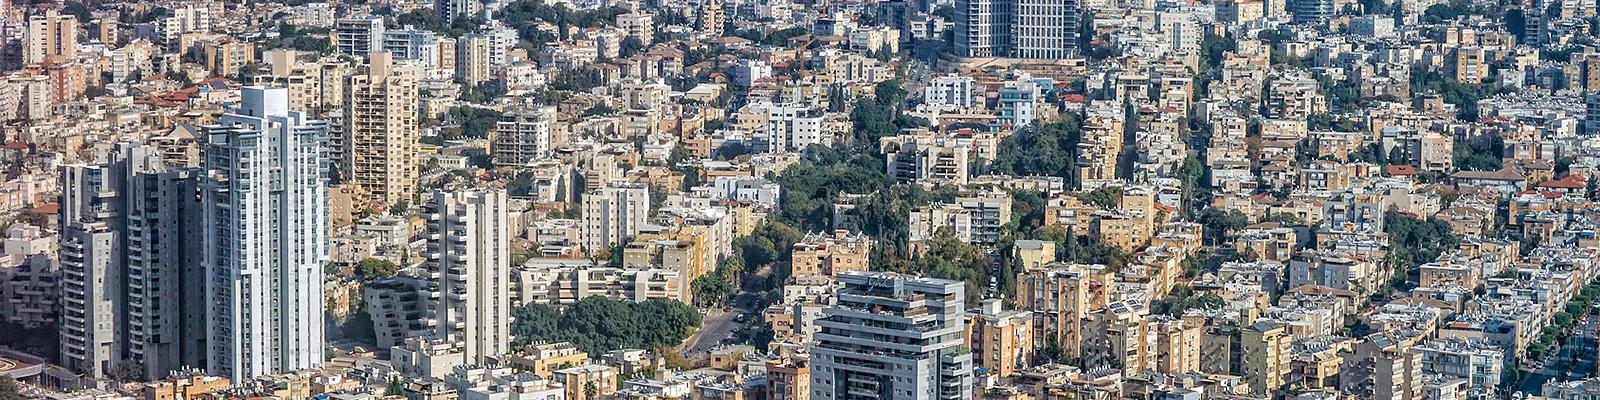 イスラエル テルアビブ イメージ